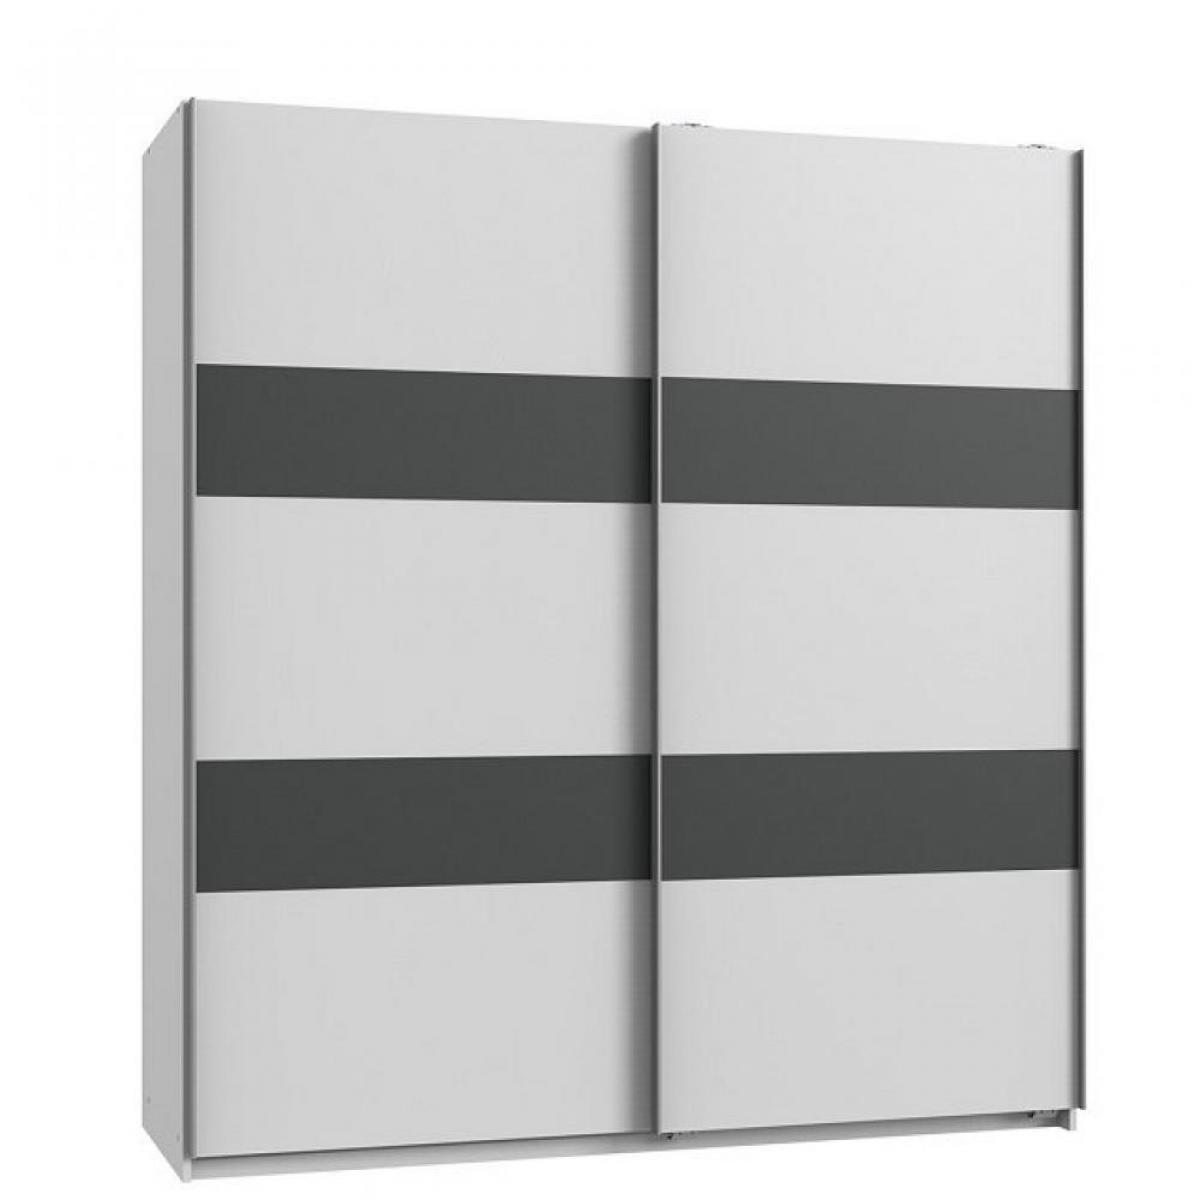 Inside 75 Armoire de rangement AUDE portes coulissantes 135 cm blanc rechampis graphite